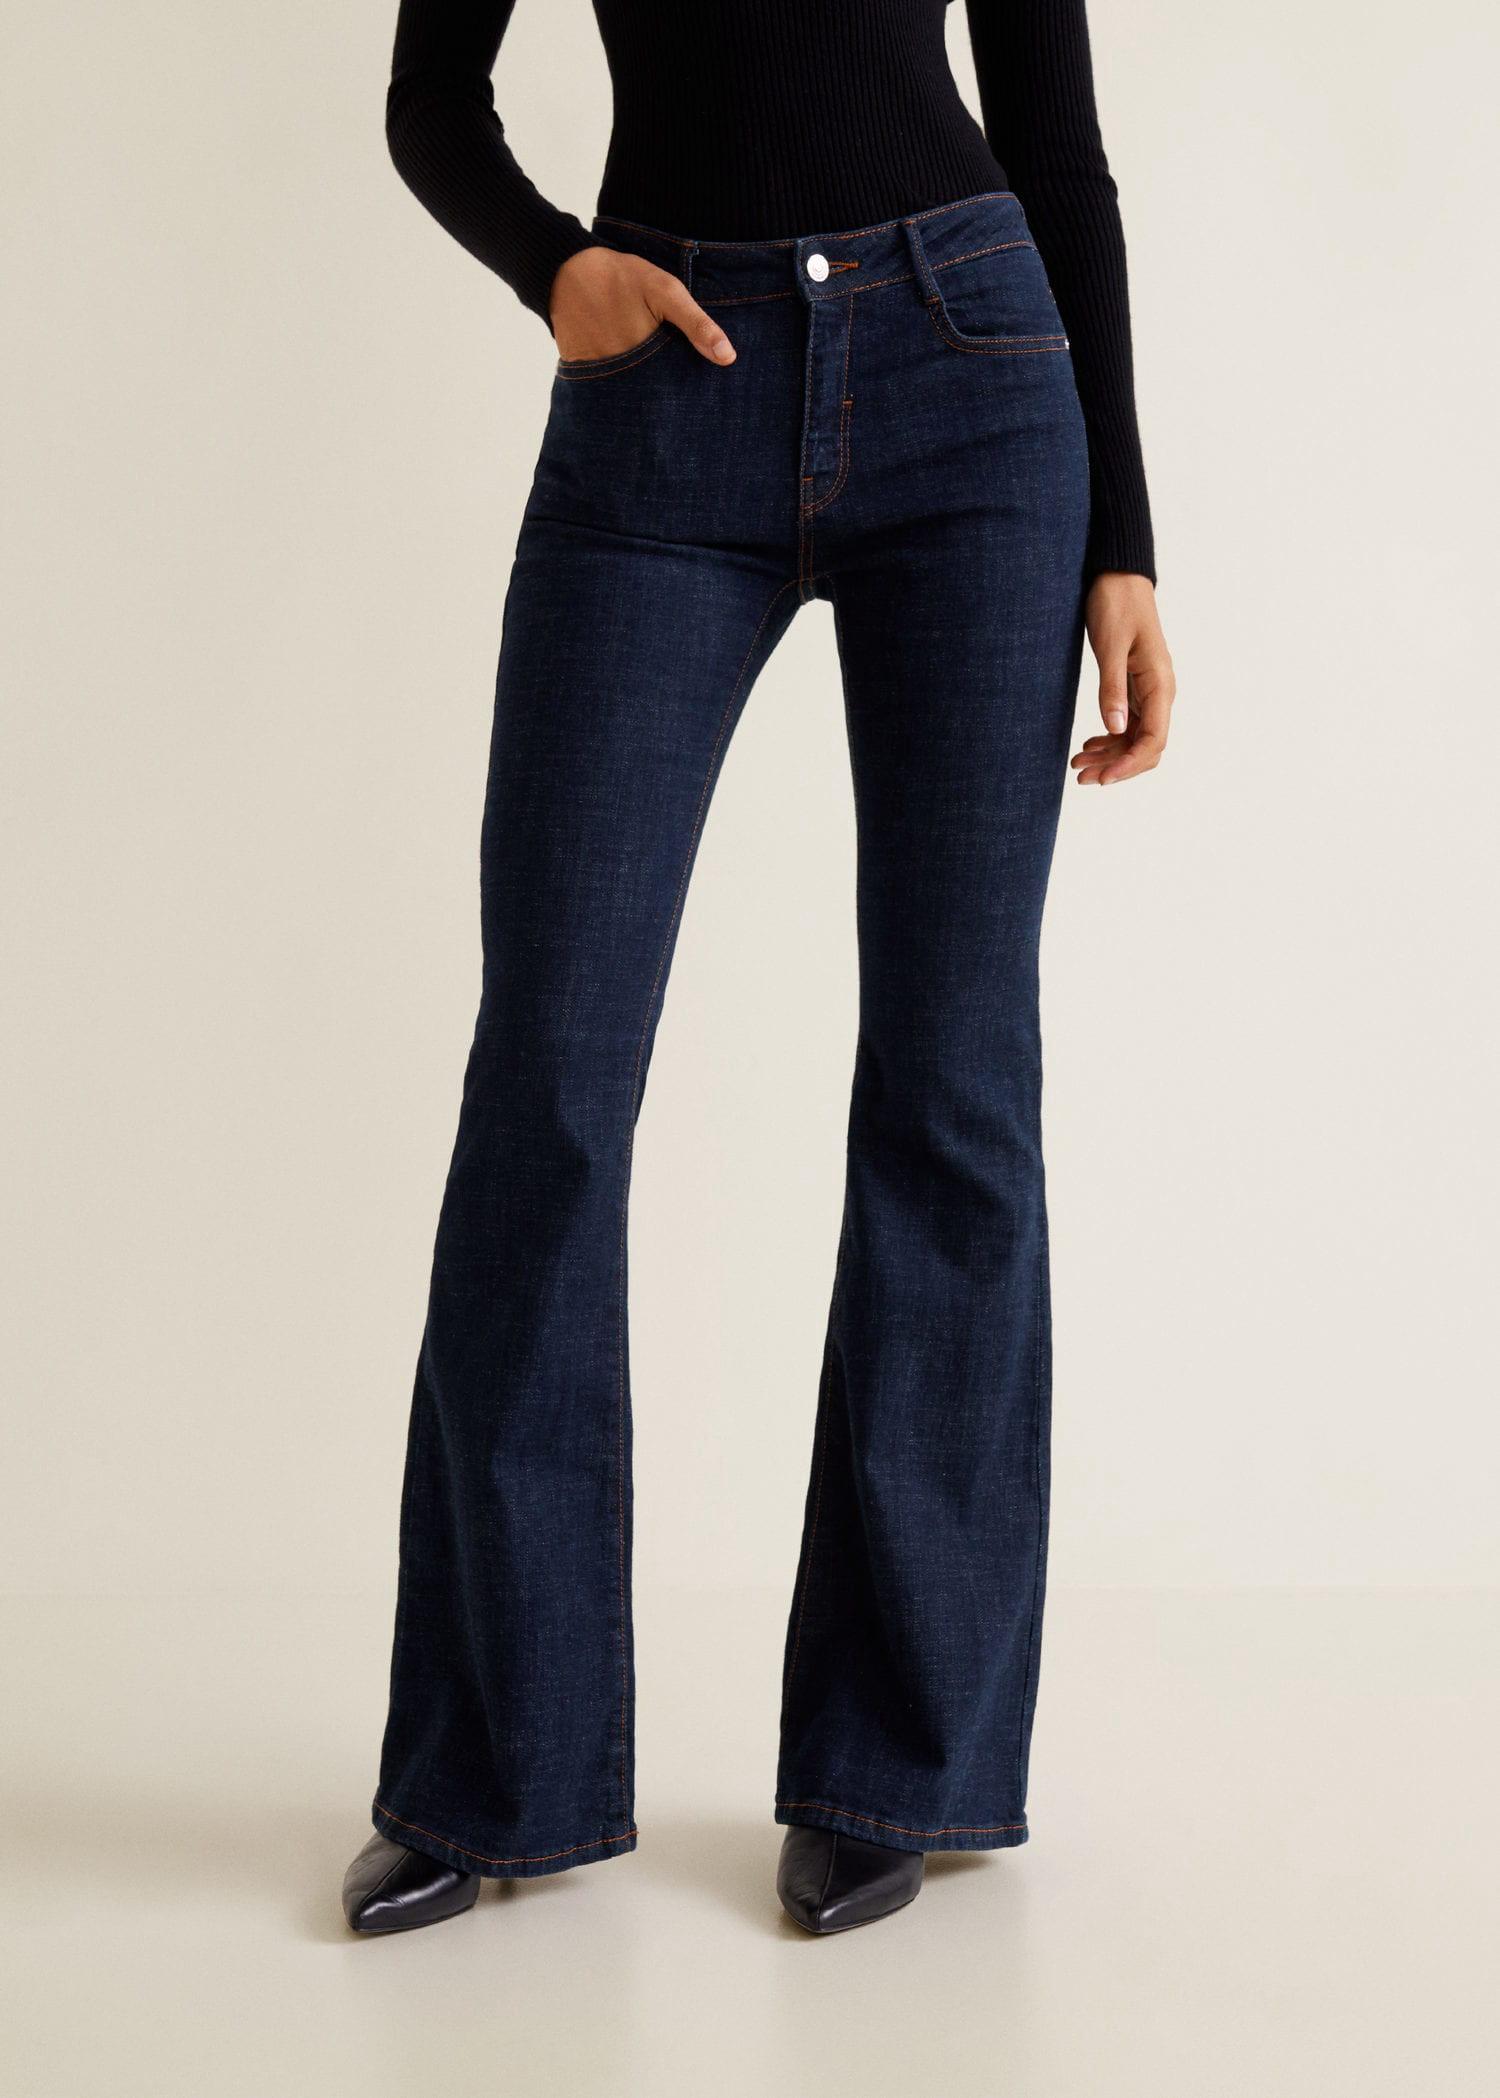 36d8c2afb7 Mango Decorative Seam Flared Jeans - 10